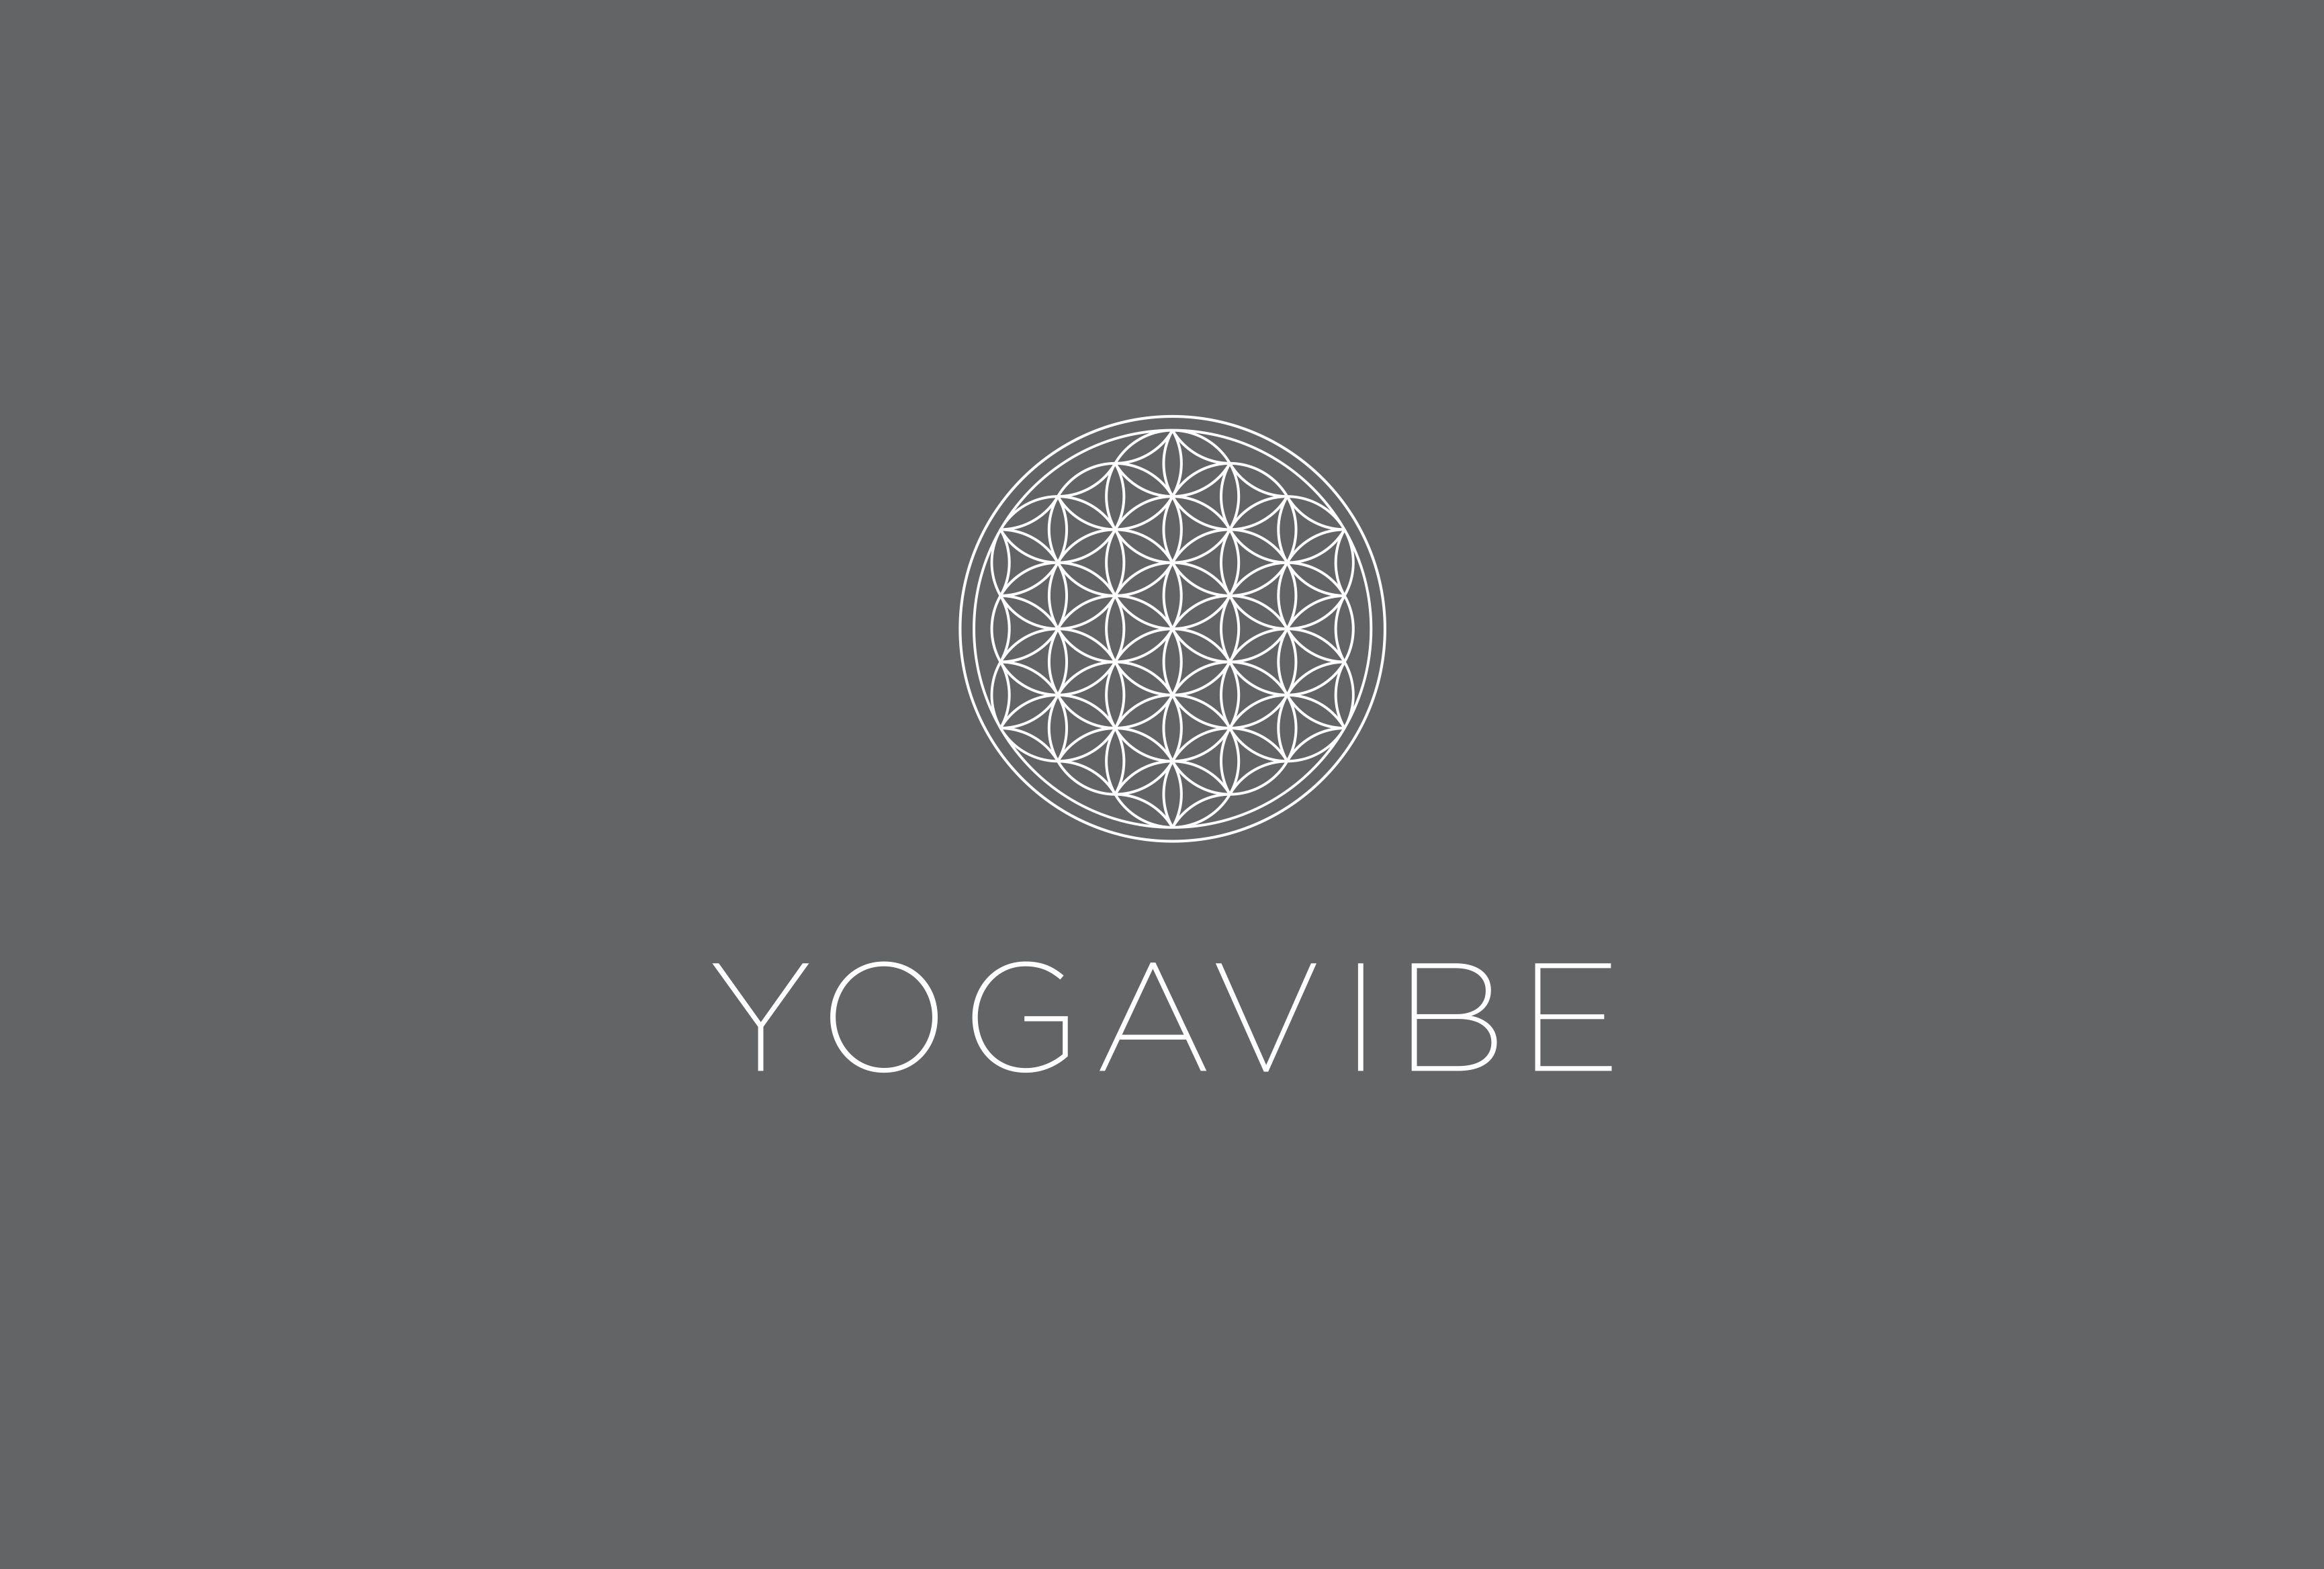 MC_Yogavibe_07-compressor